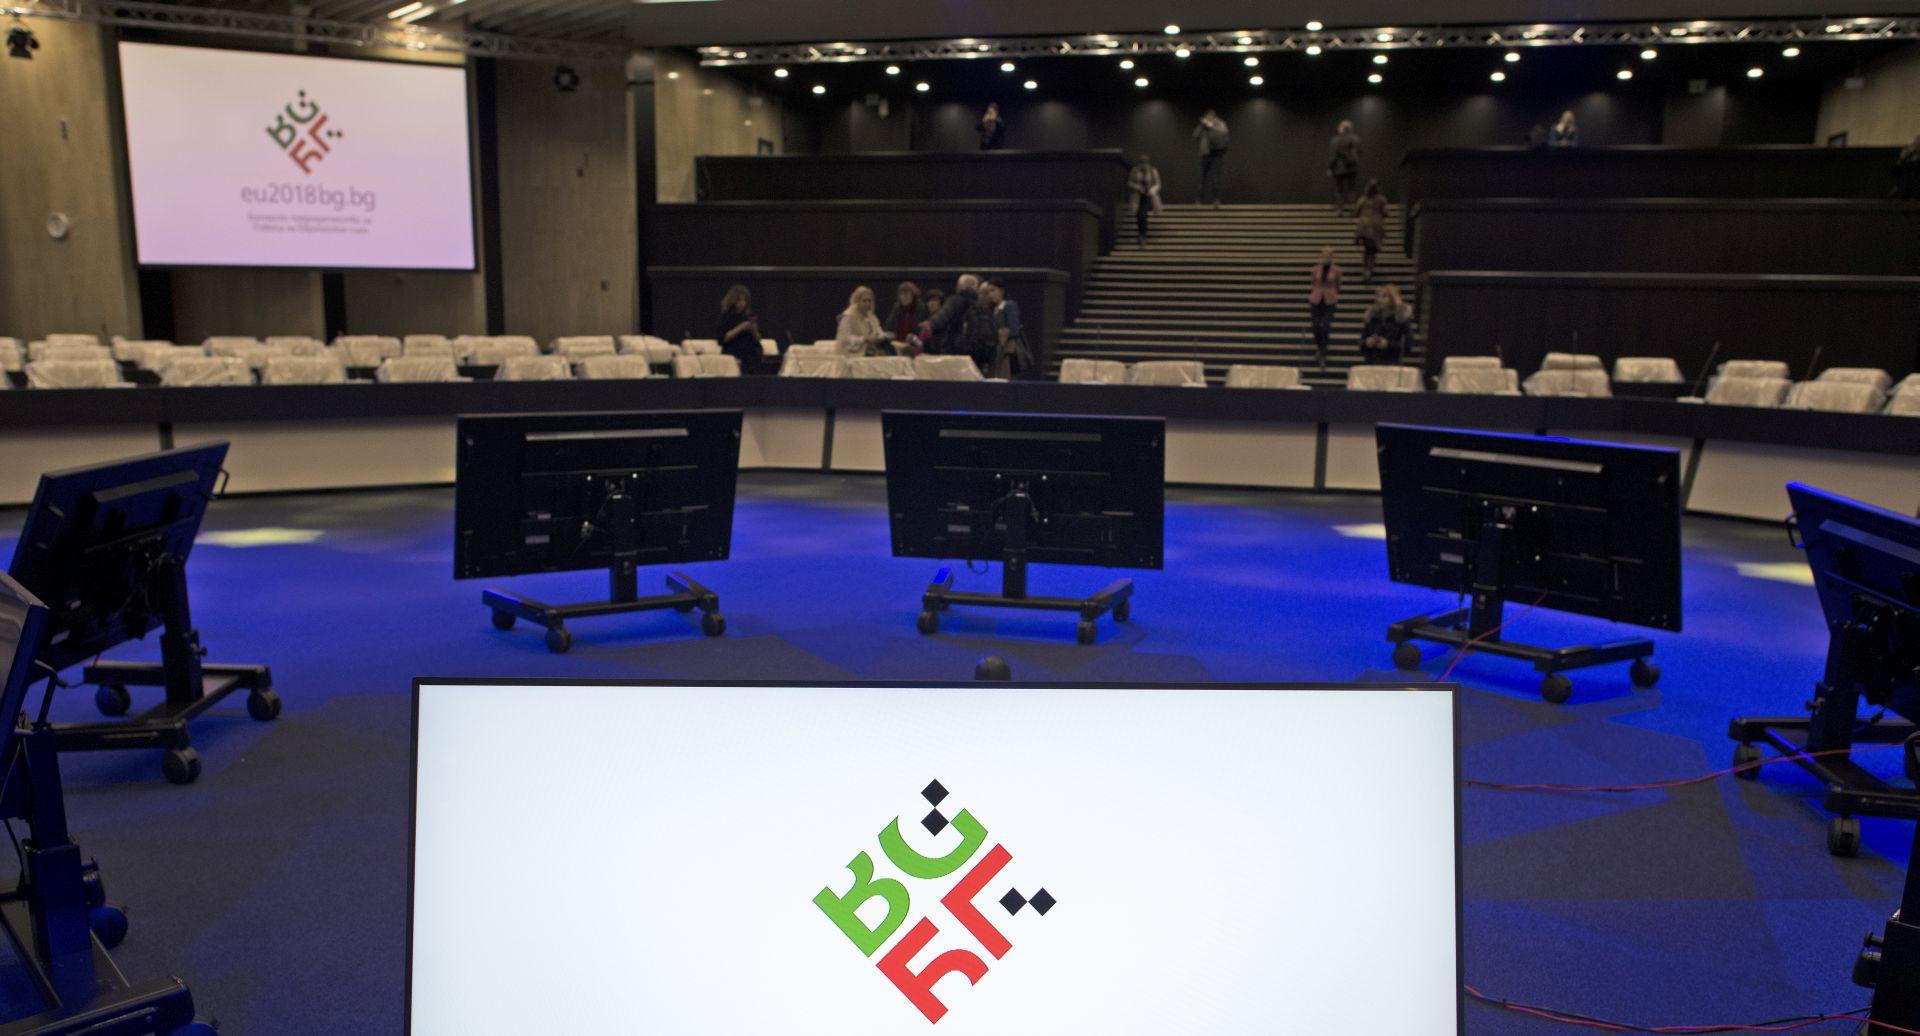 Bugari preuzeli predsjedanje EU-om